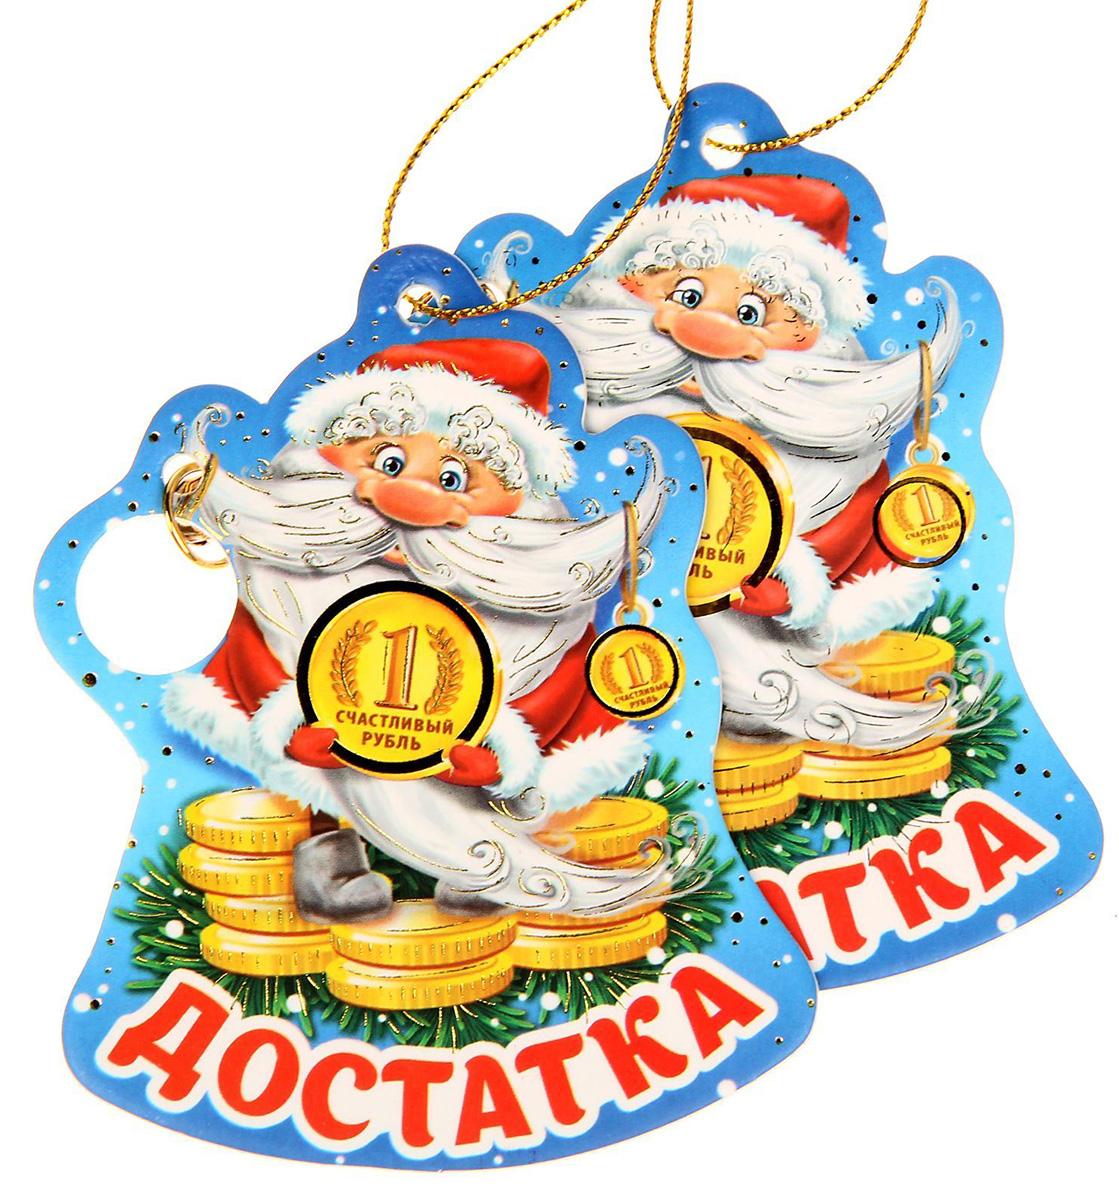 Новогоднее подвесное украшение Sima-land Достатка, 6,7 х 8,5 см, 2 шт1305174Новогоднее украшение Sima-land отлично подойдет для декорации вашего дома и новогодней ели.Елочная игрушка - символ Нового года. Она несет в себе волшебство и красоту праздника. Такое украшение создаст в вашем доме атмосферу праздника, веселья и радости.